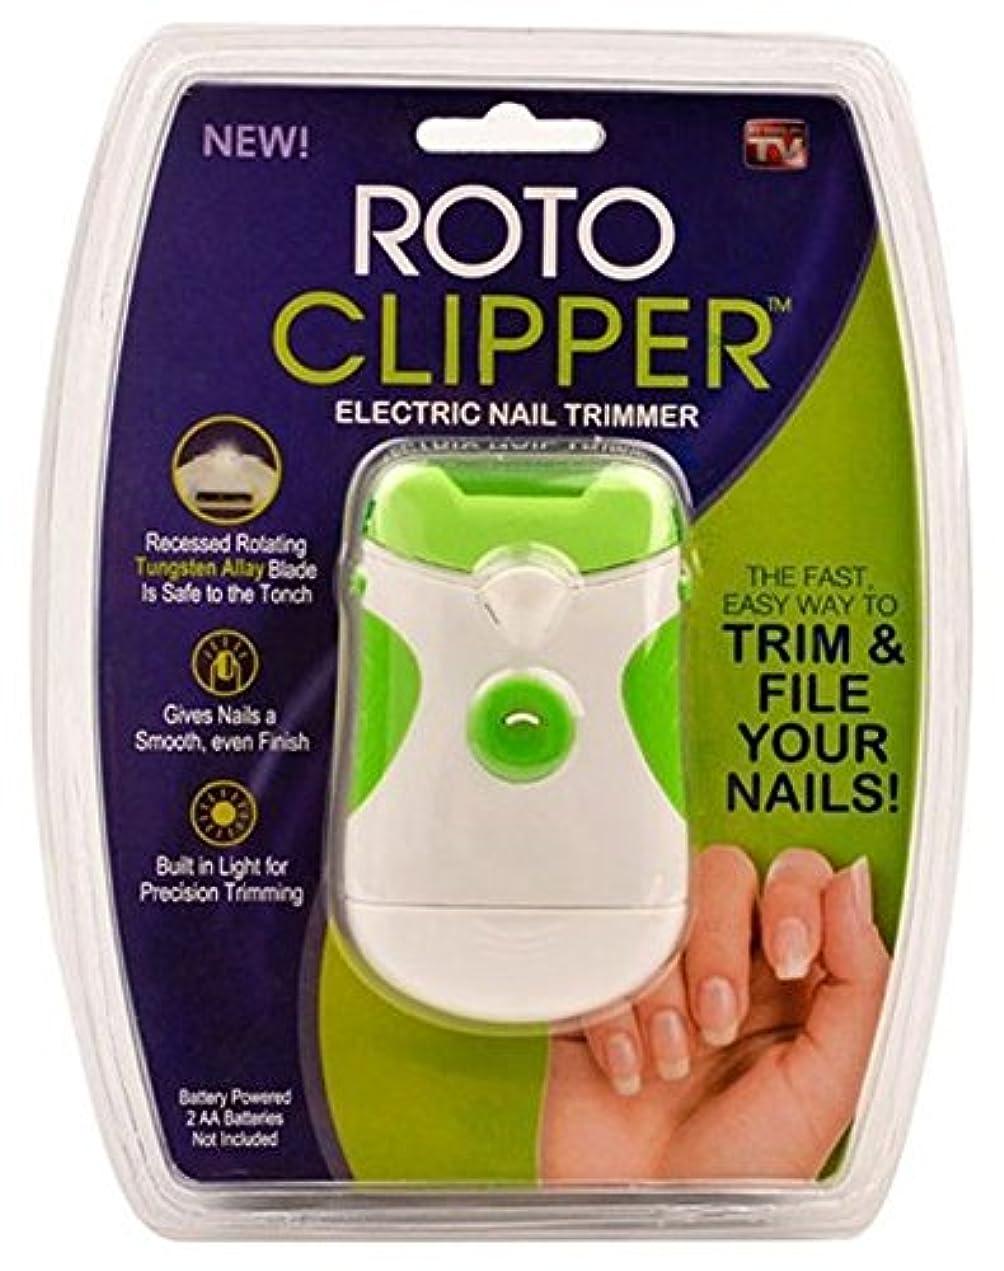 光の法的姿勢Stardust 電動 清潔 電池 式 ネイル 簡単 爪 切り 爪 とぎ やすり 手 削り 綺麗 爪 オート マチック SD-TUMEME